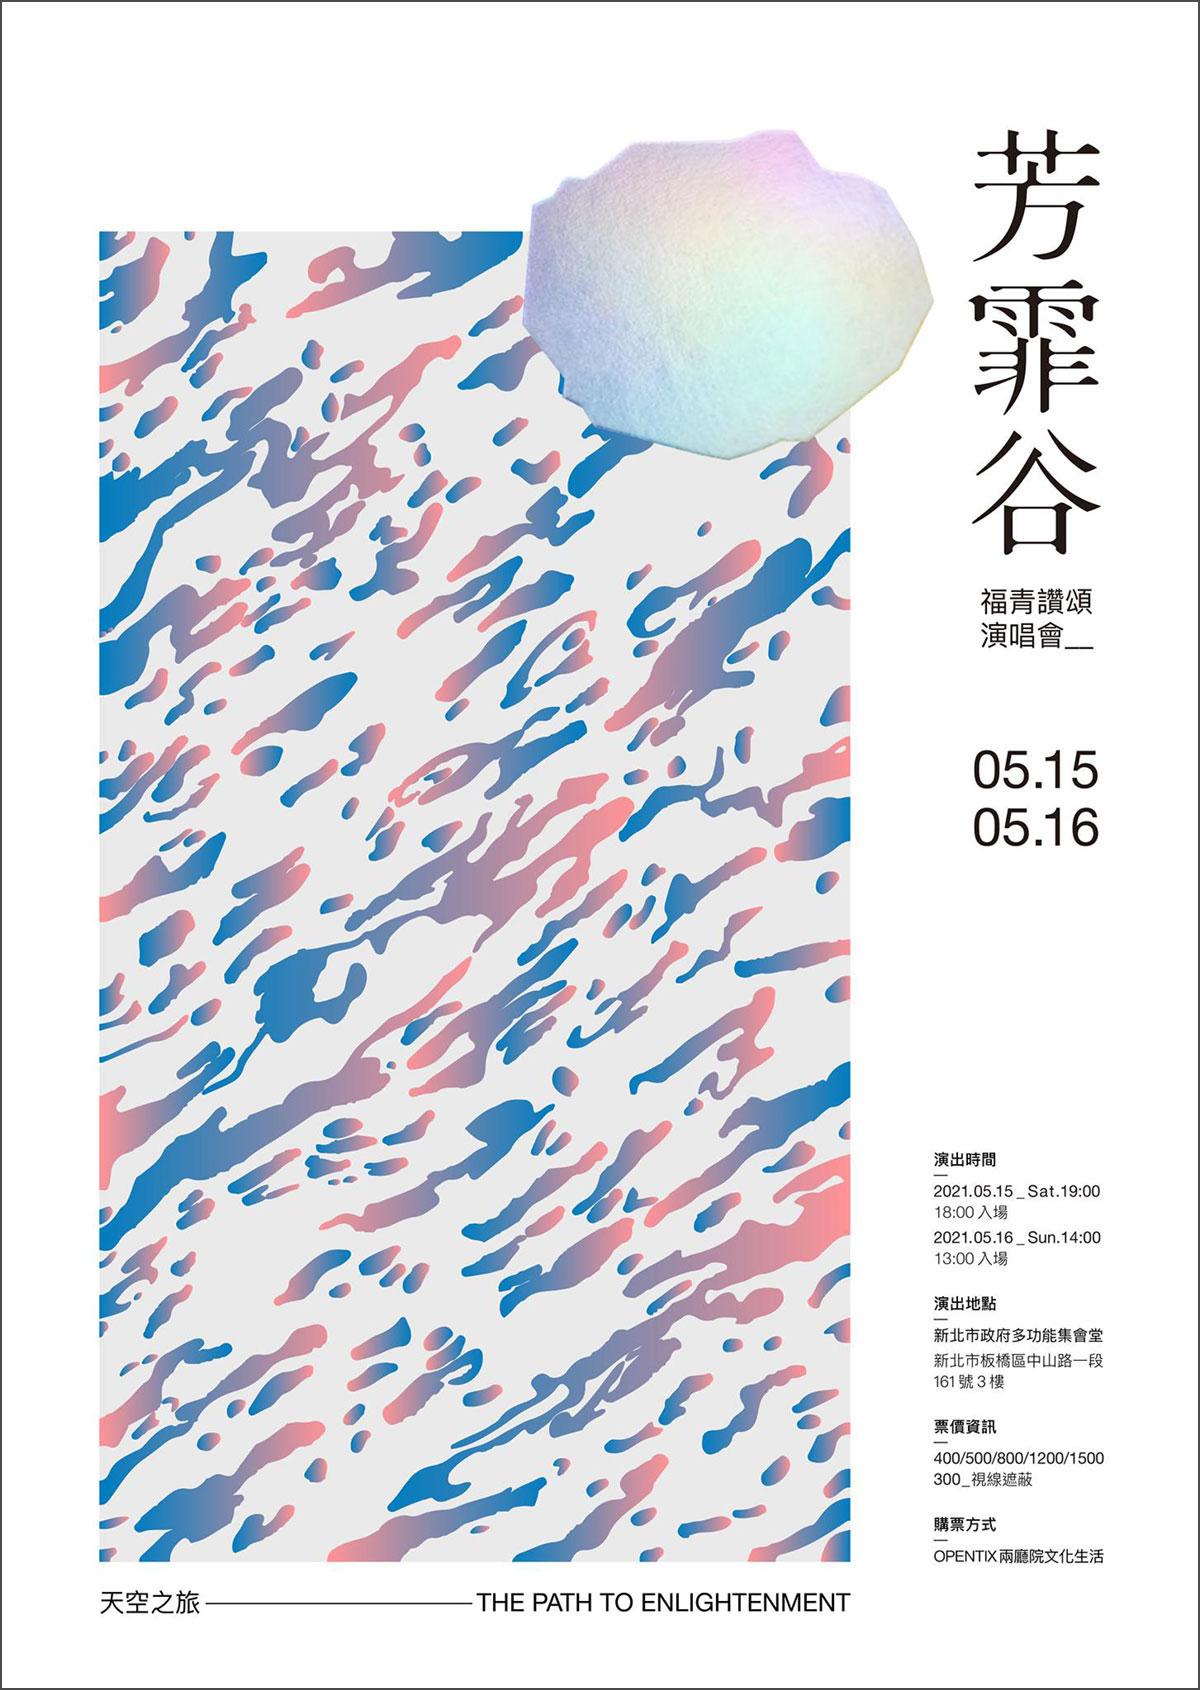 福智文教「2021天空之旅福青讚頌演唱會—芳霏谷」售票盈餘將全數捐贈予台灣潤群協會回饋社會